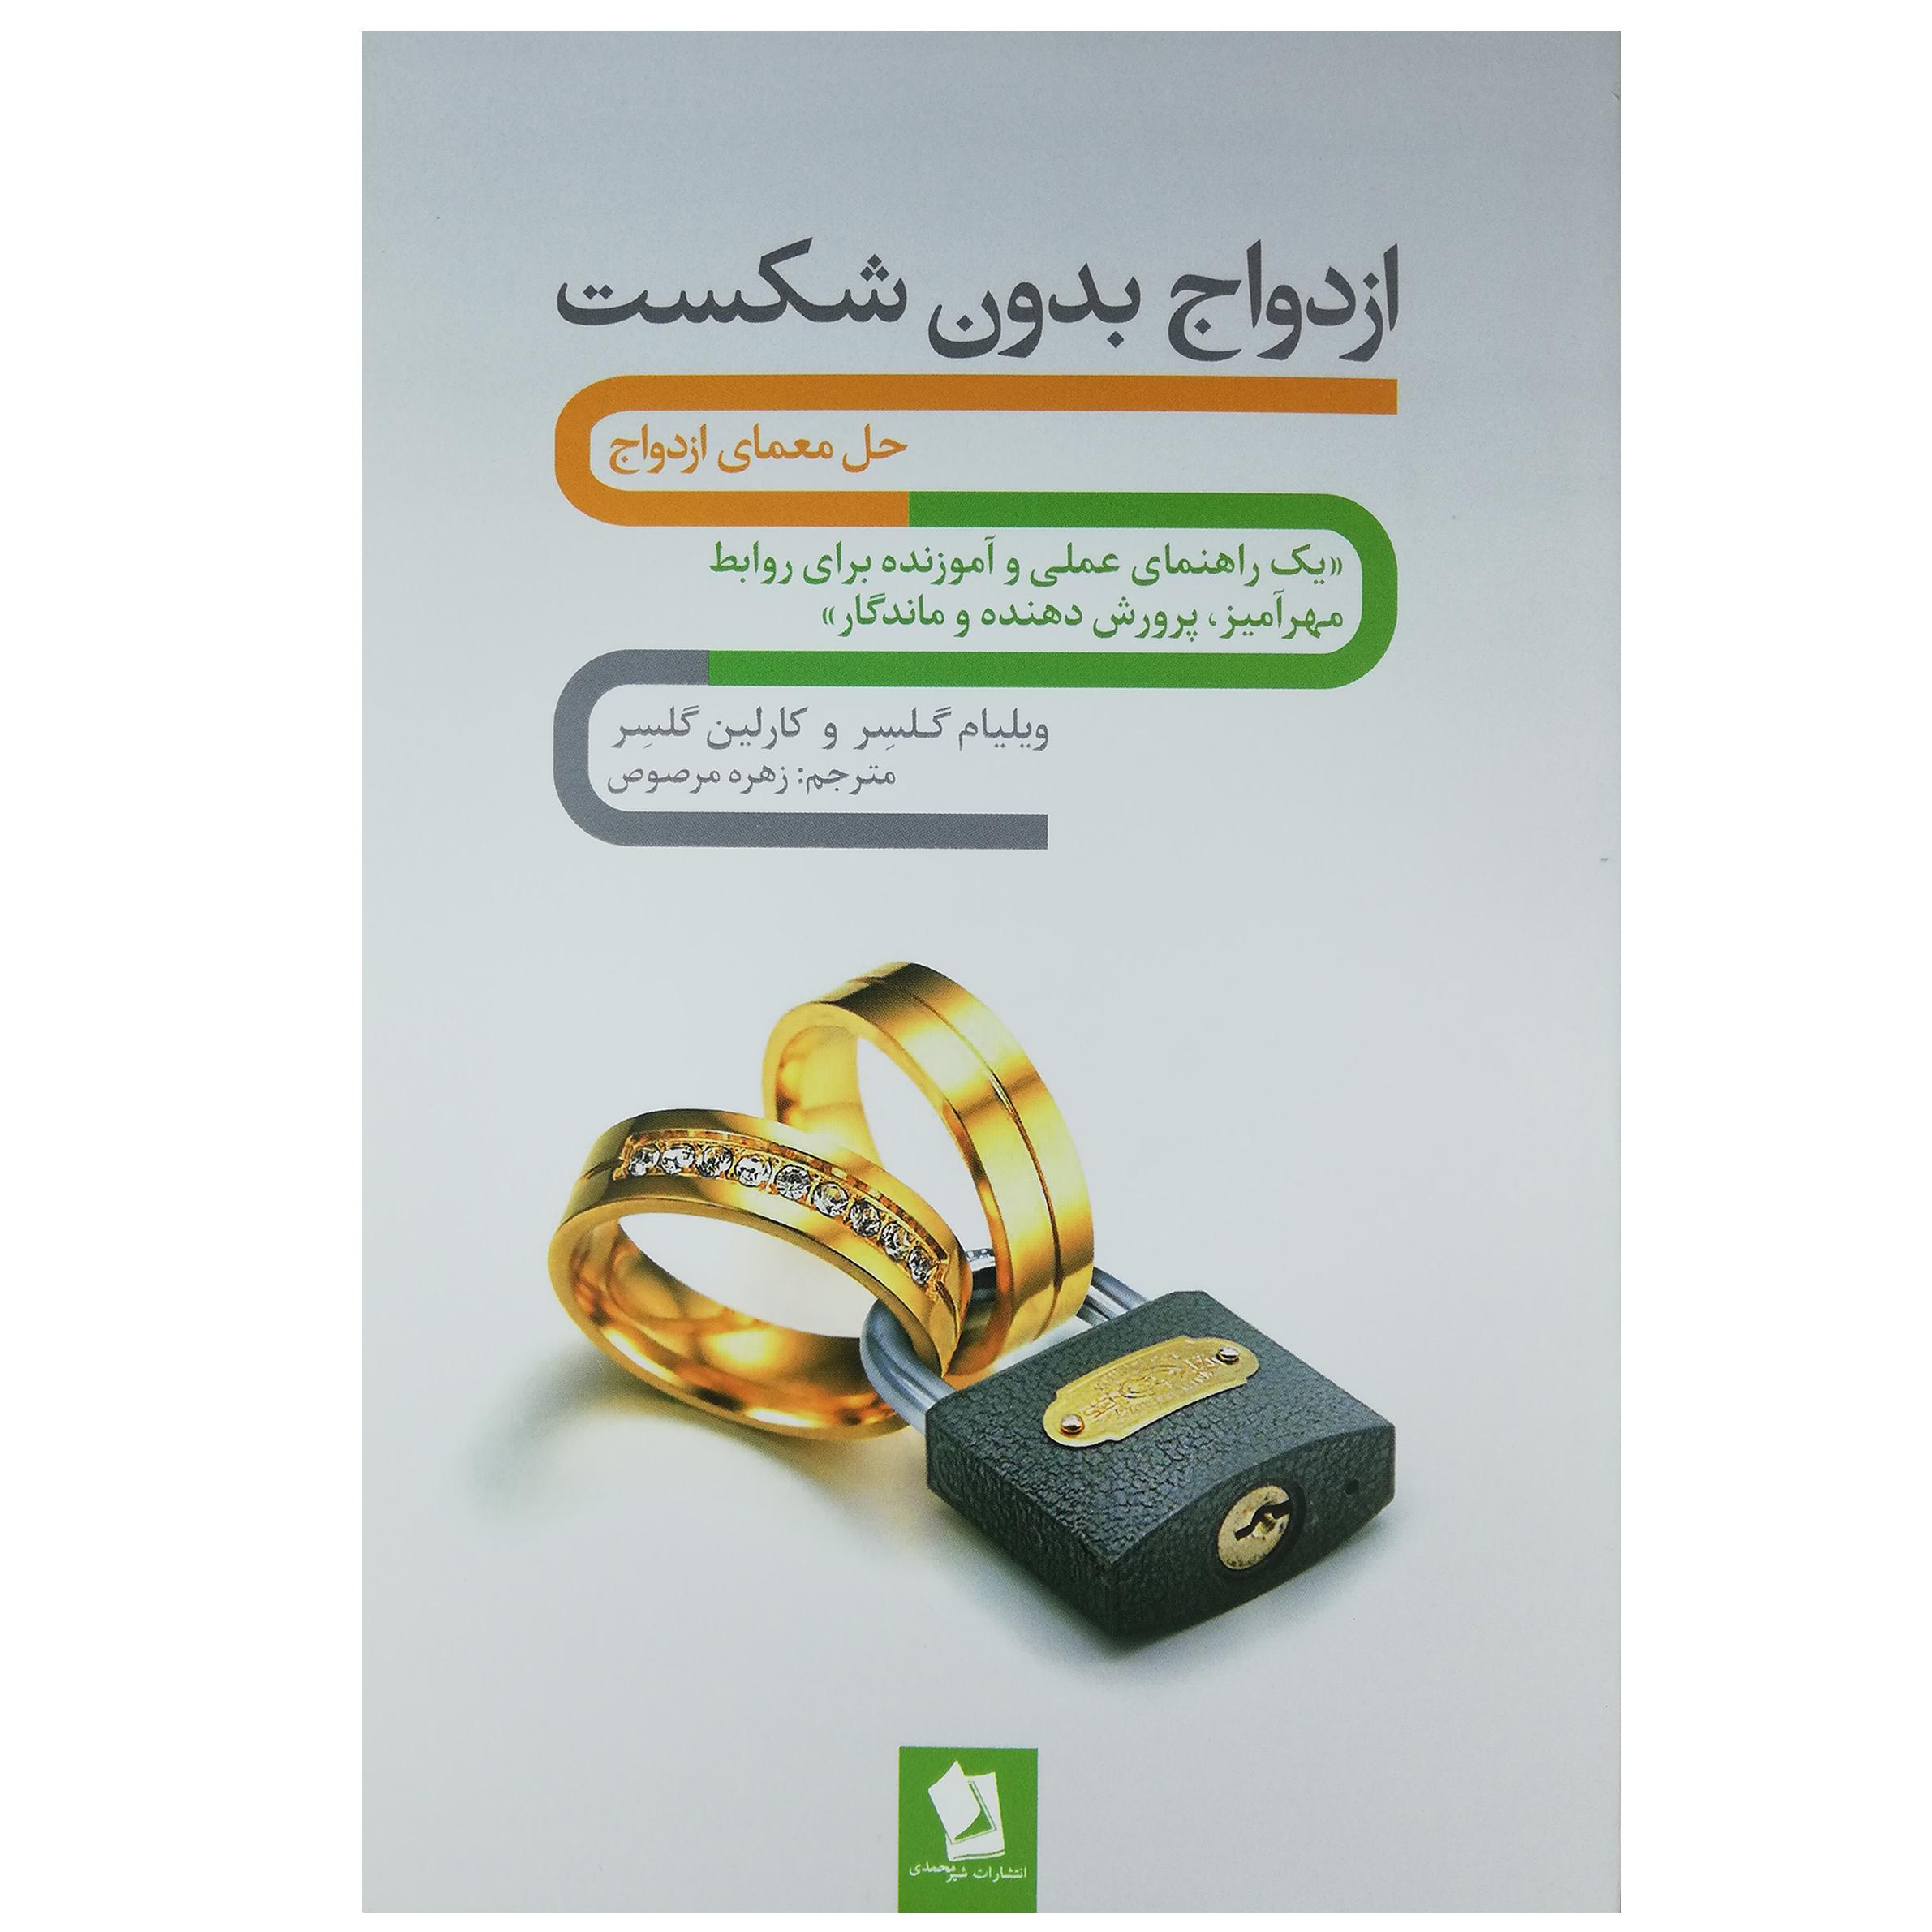 کتاب ازدواج بدون شکست اثر ویلیام گلسِر و کارلین گلسِر انتشارات شیر محمدی